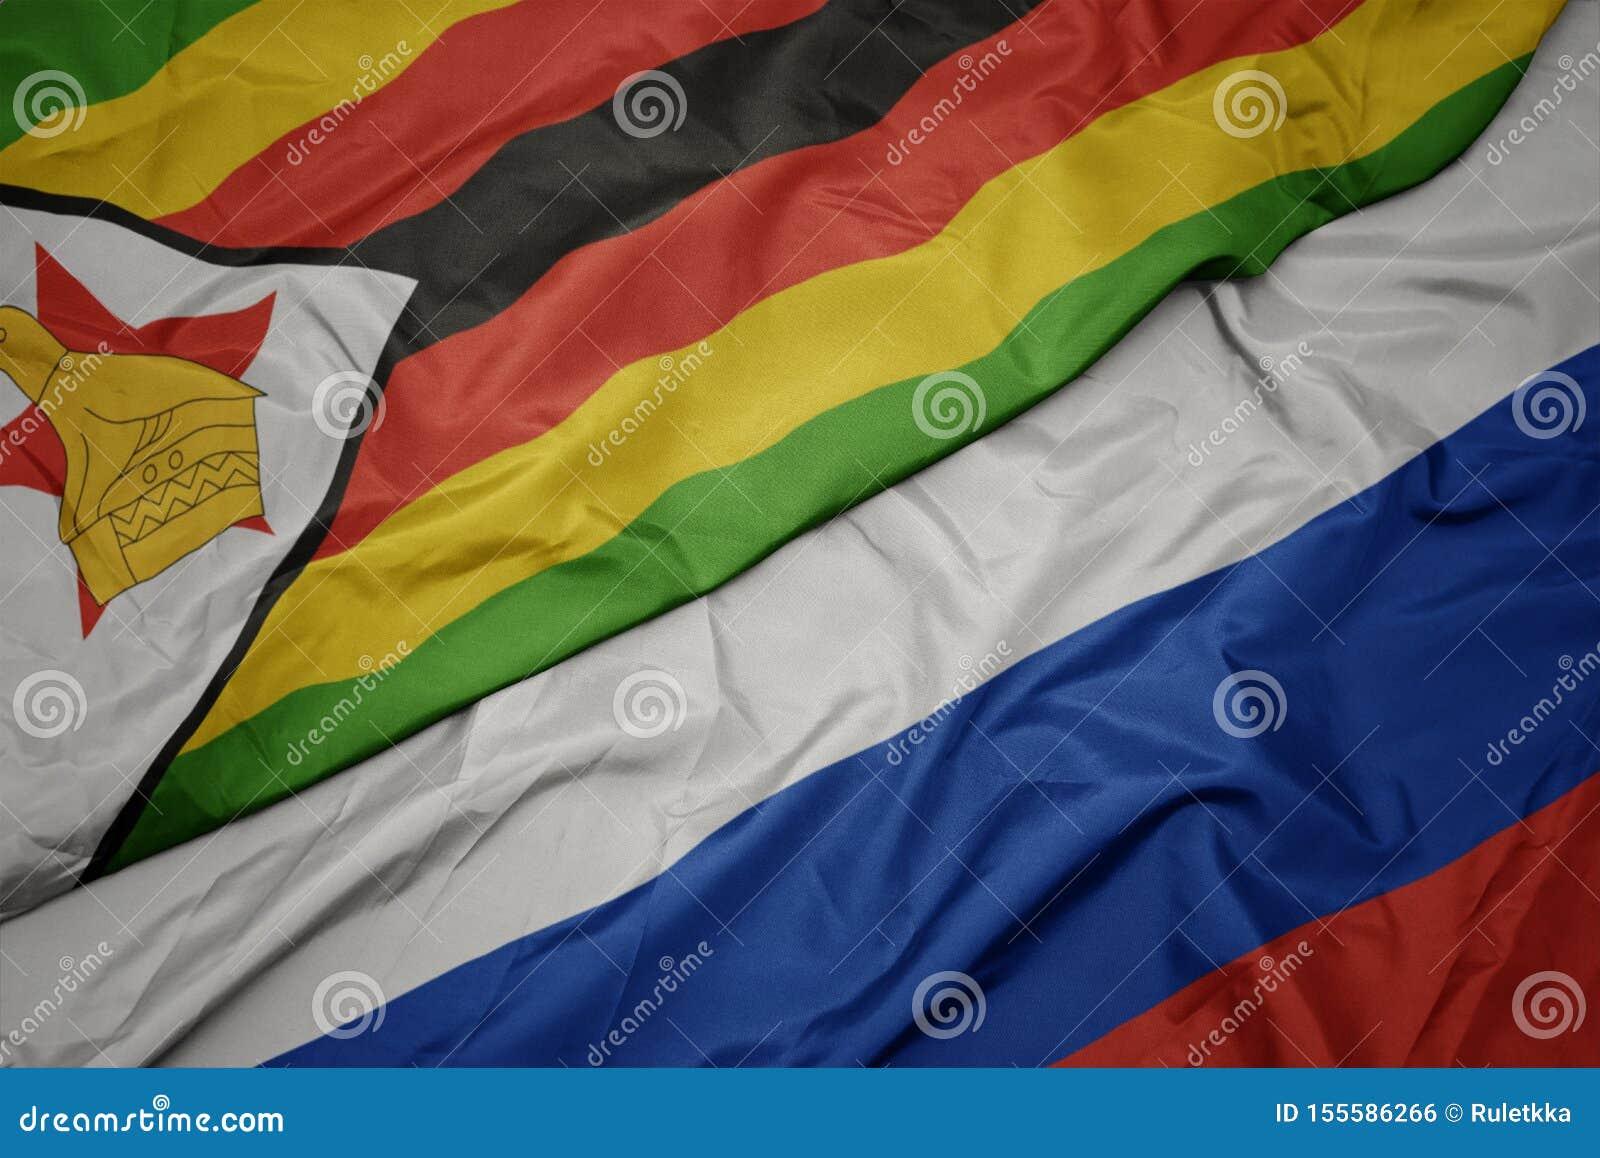 развевая красочный флаг России и национальный флаг Зимбабве